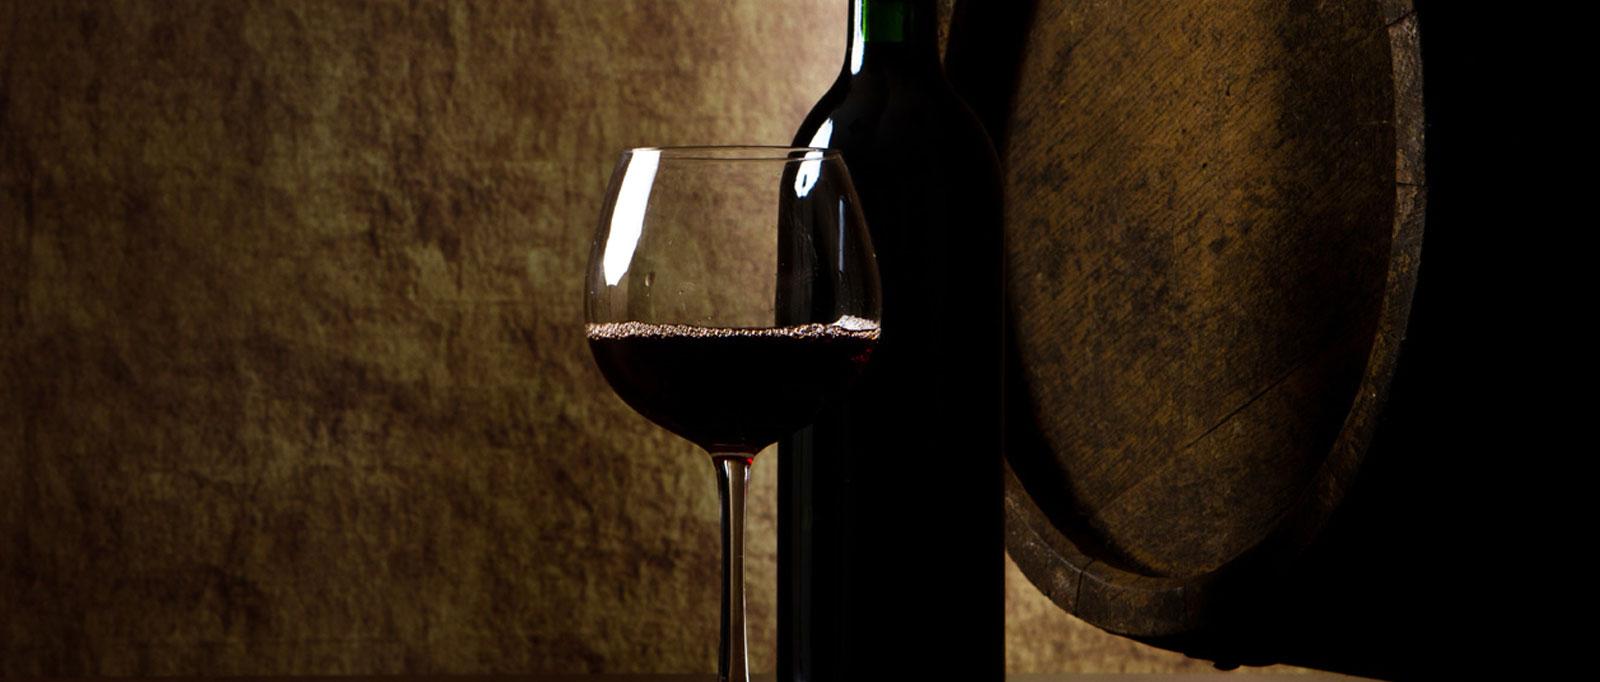 slider-vinski-podrum-3